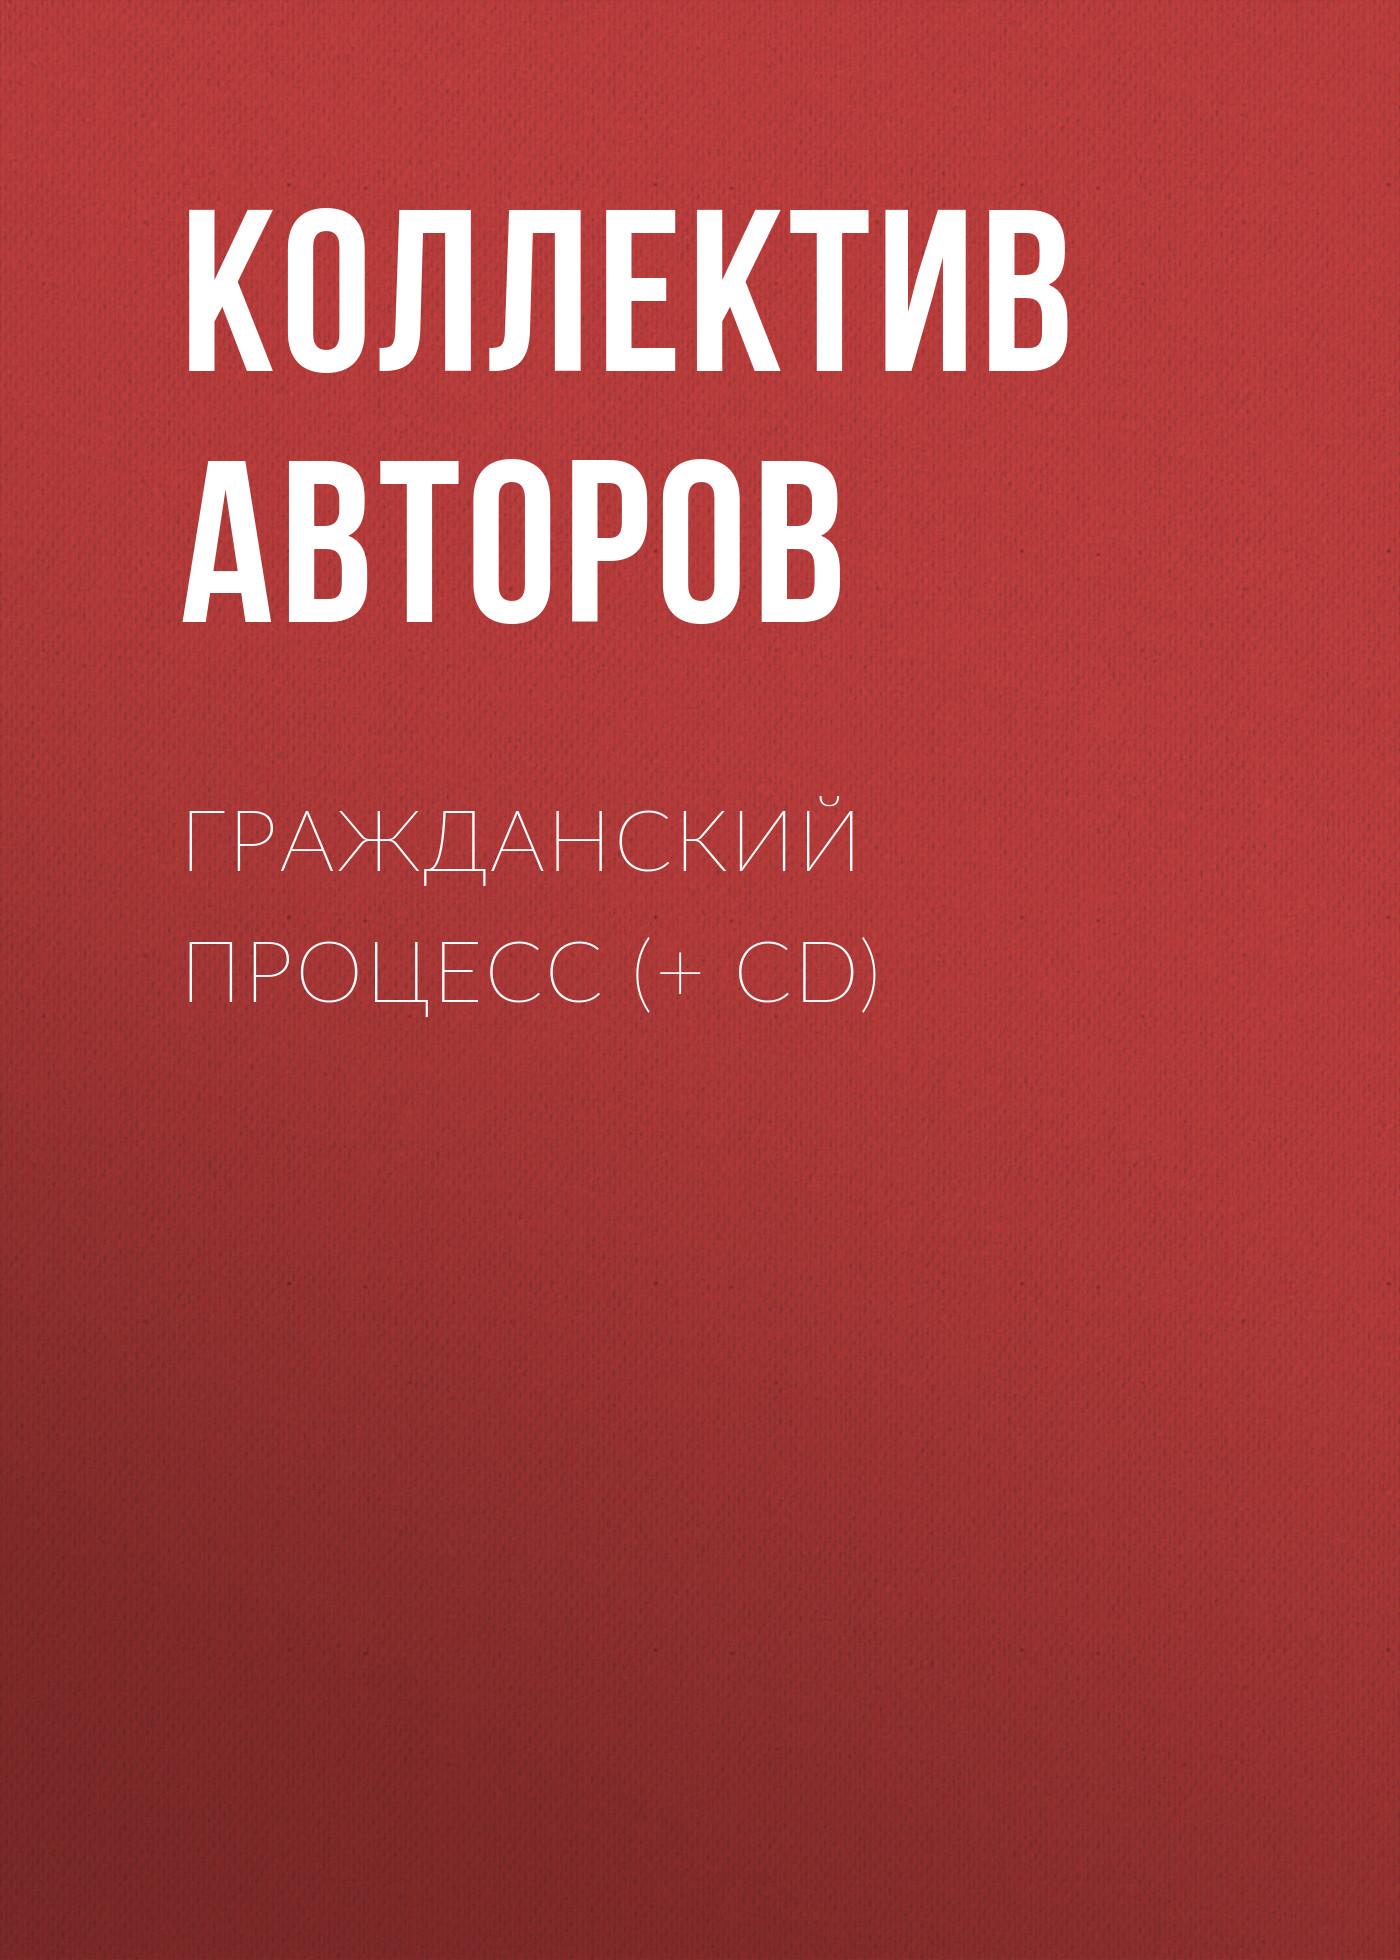 Гражданский процесс (+ CD)